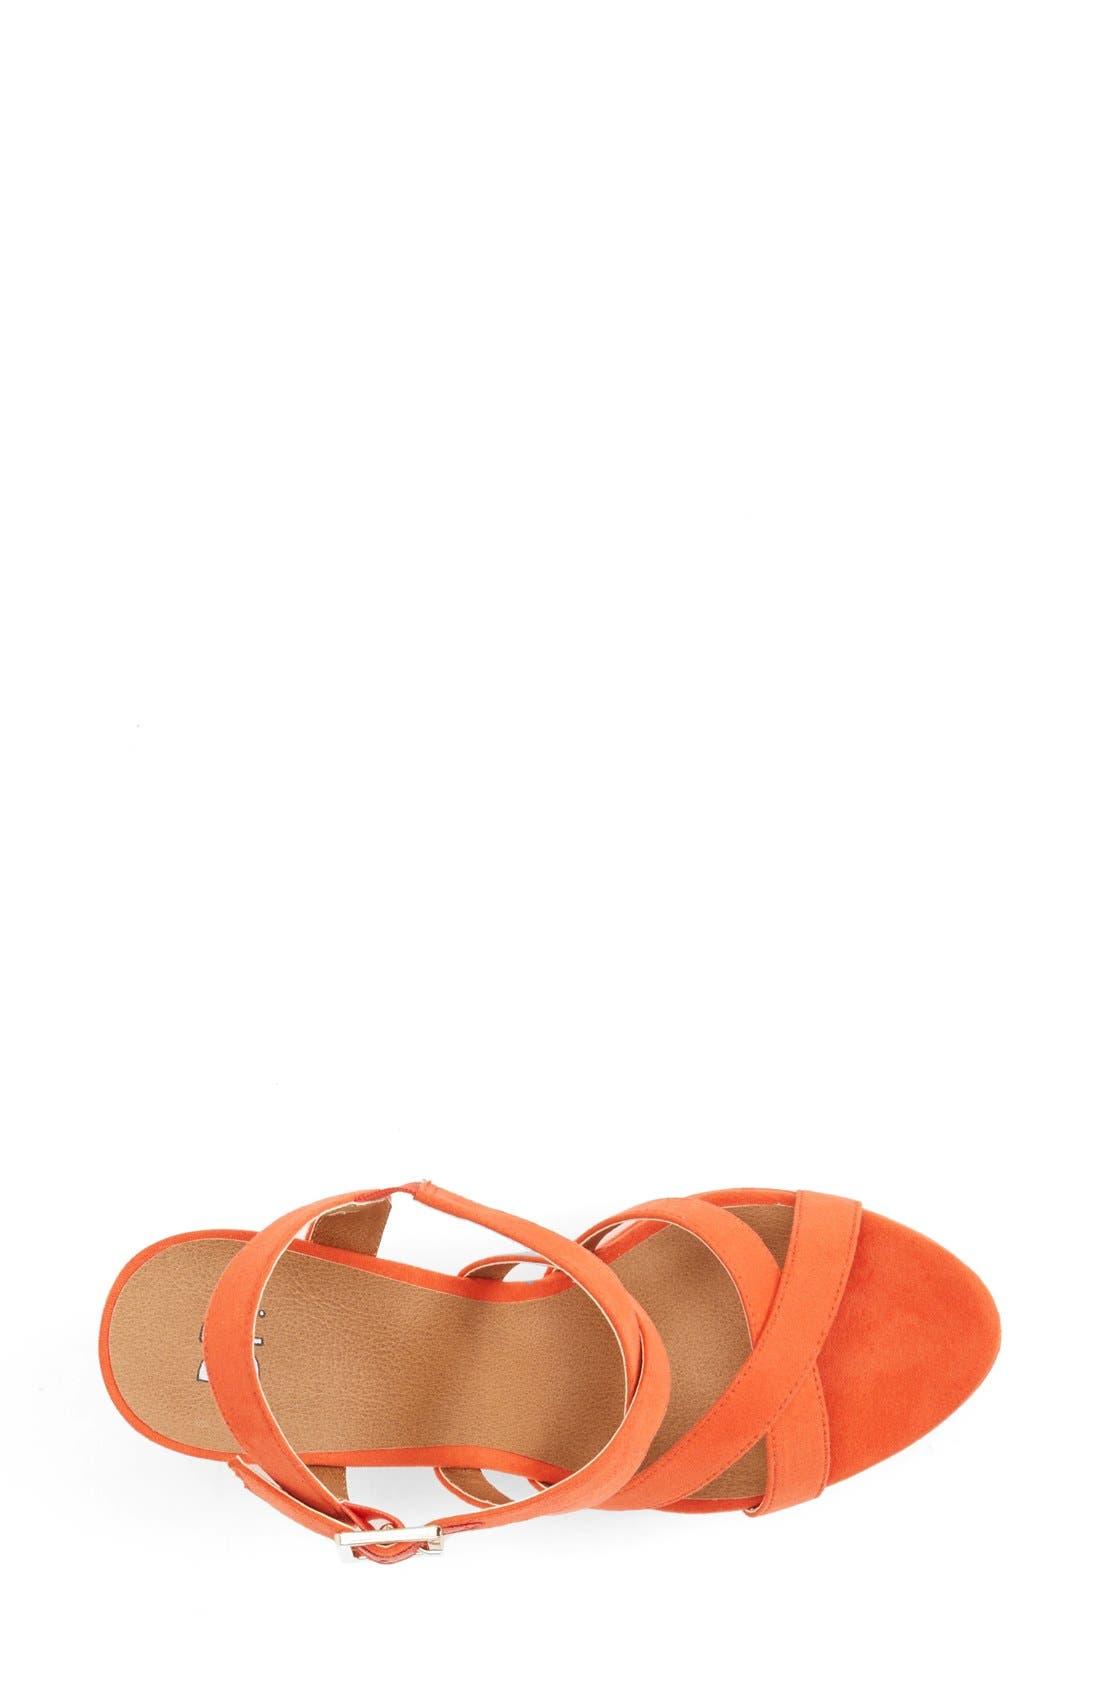 Alternate Image 3  - BP. 'Summers' Wedge Sandal (Women)